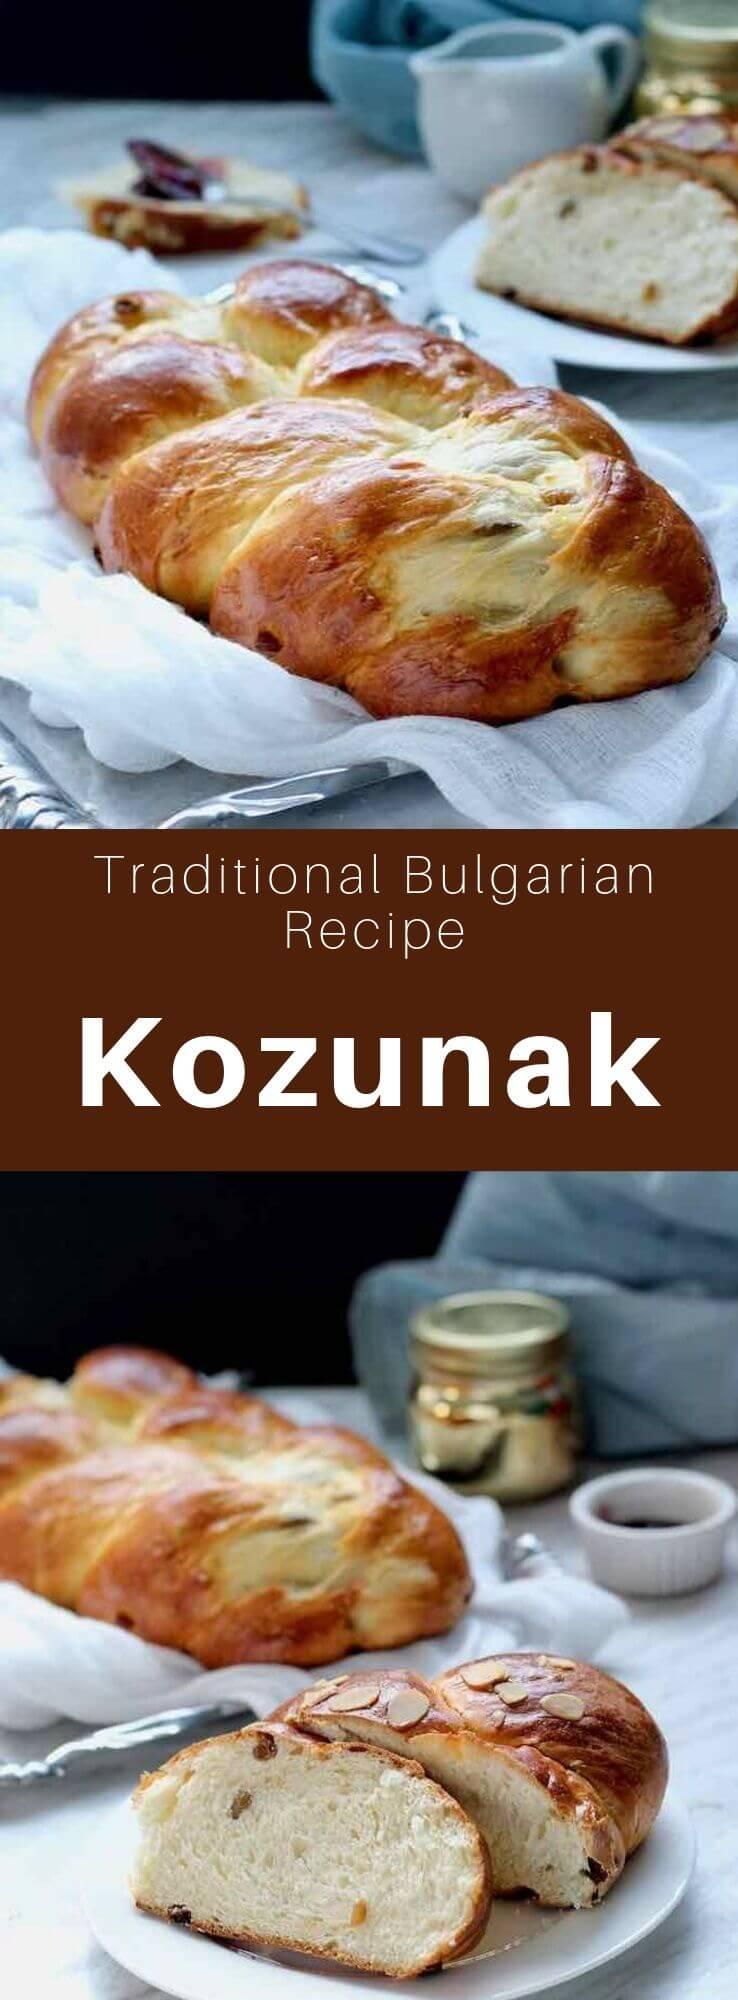 A kozunak is a delicious traditional raisin brioche prepared for Easter or Christmas in Romania, Bulgaria, Moldova, or Albania. #Bulgaria #Albania #Romania #Moldova #WorldCuisine #196flavors